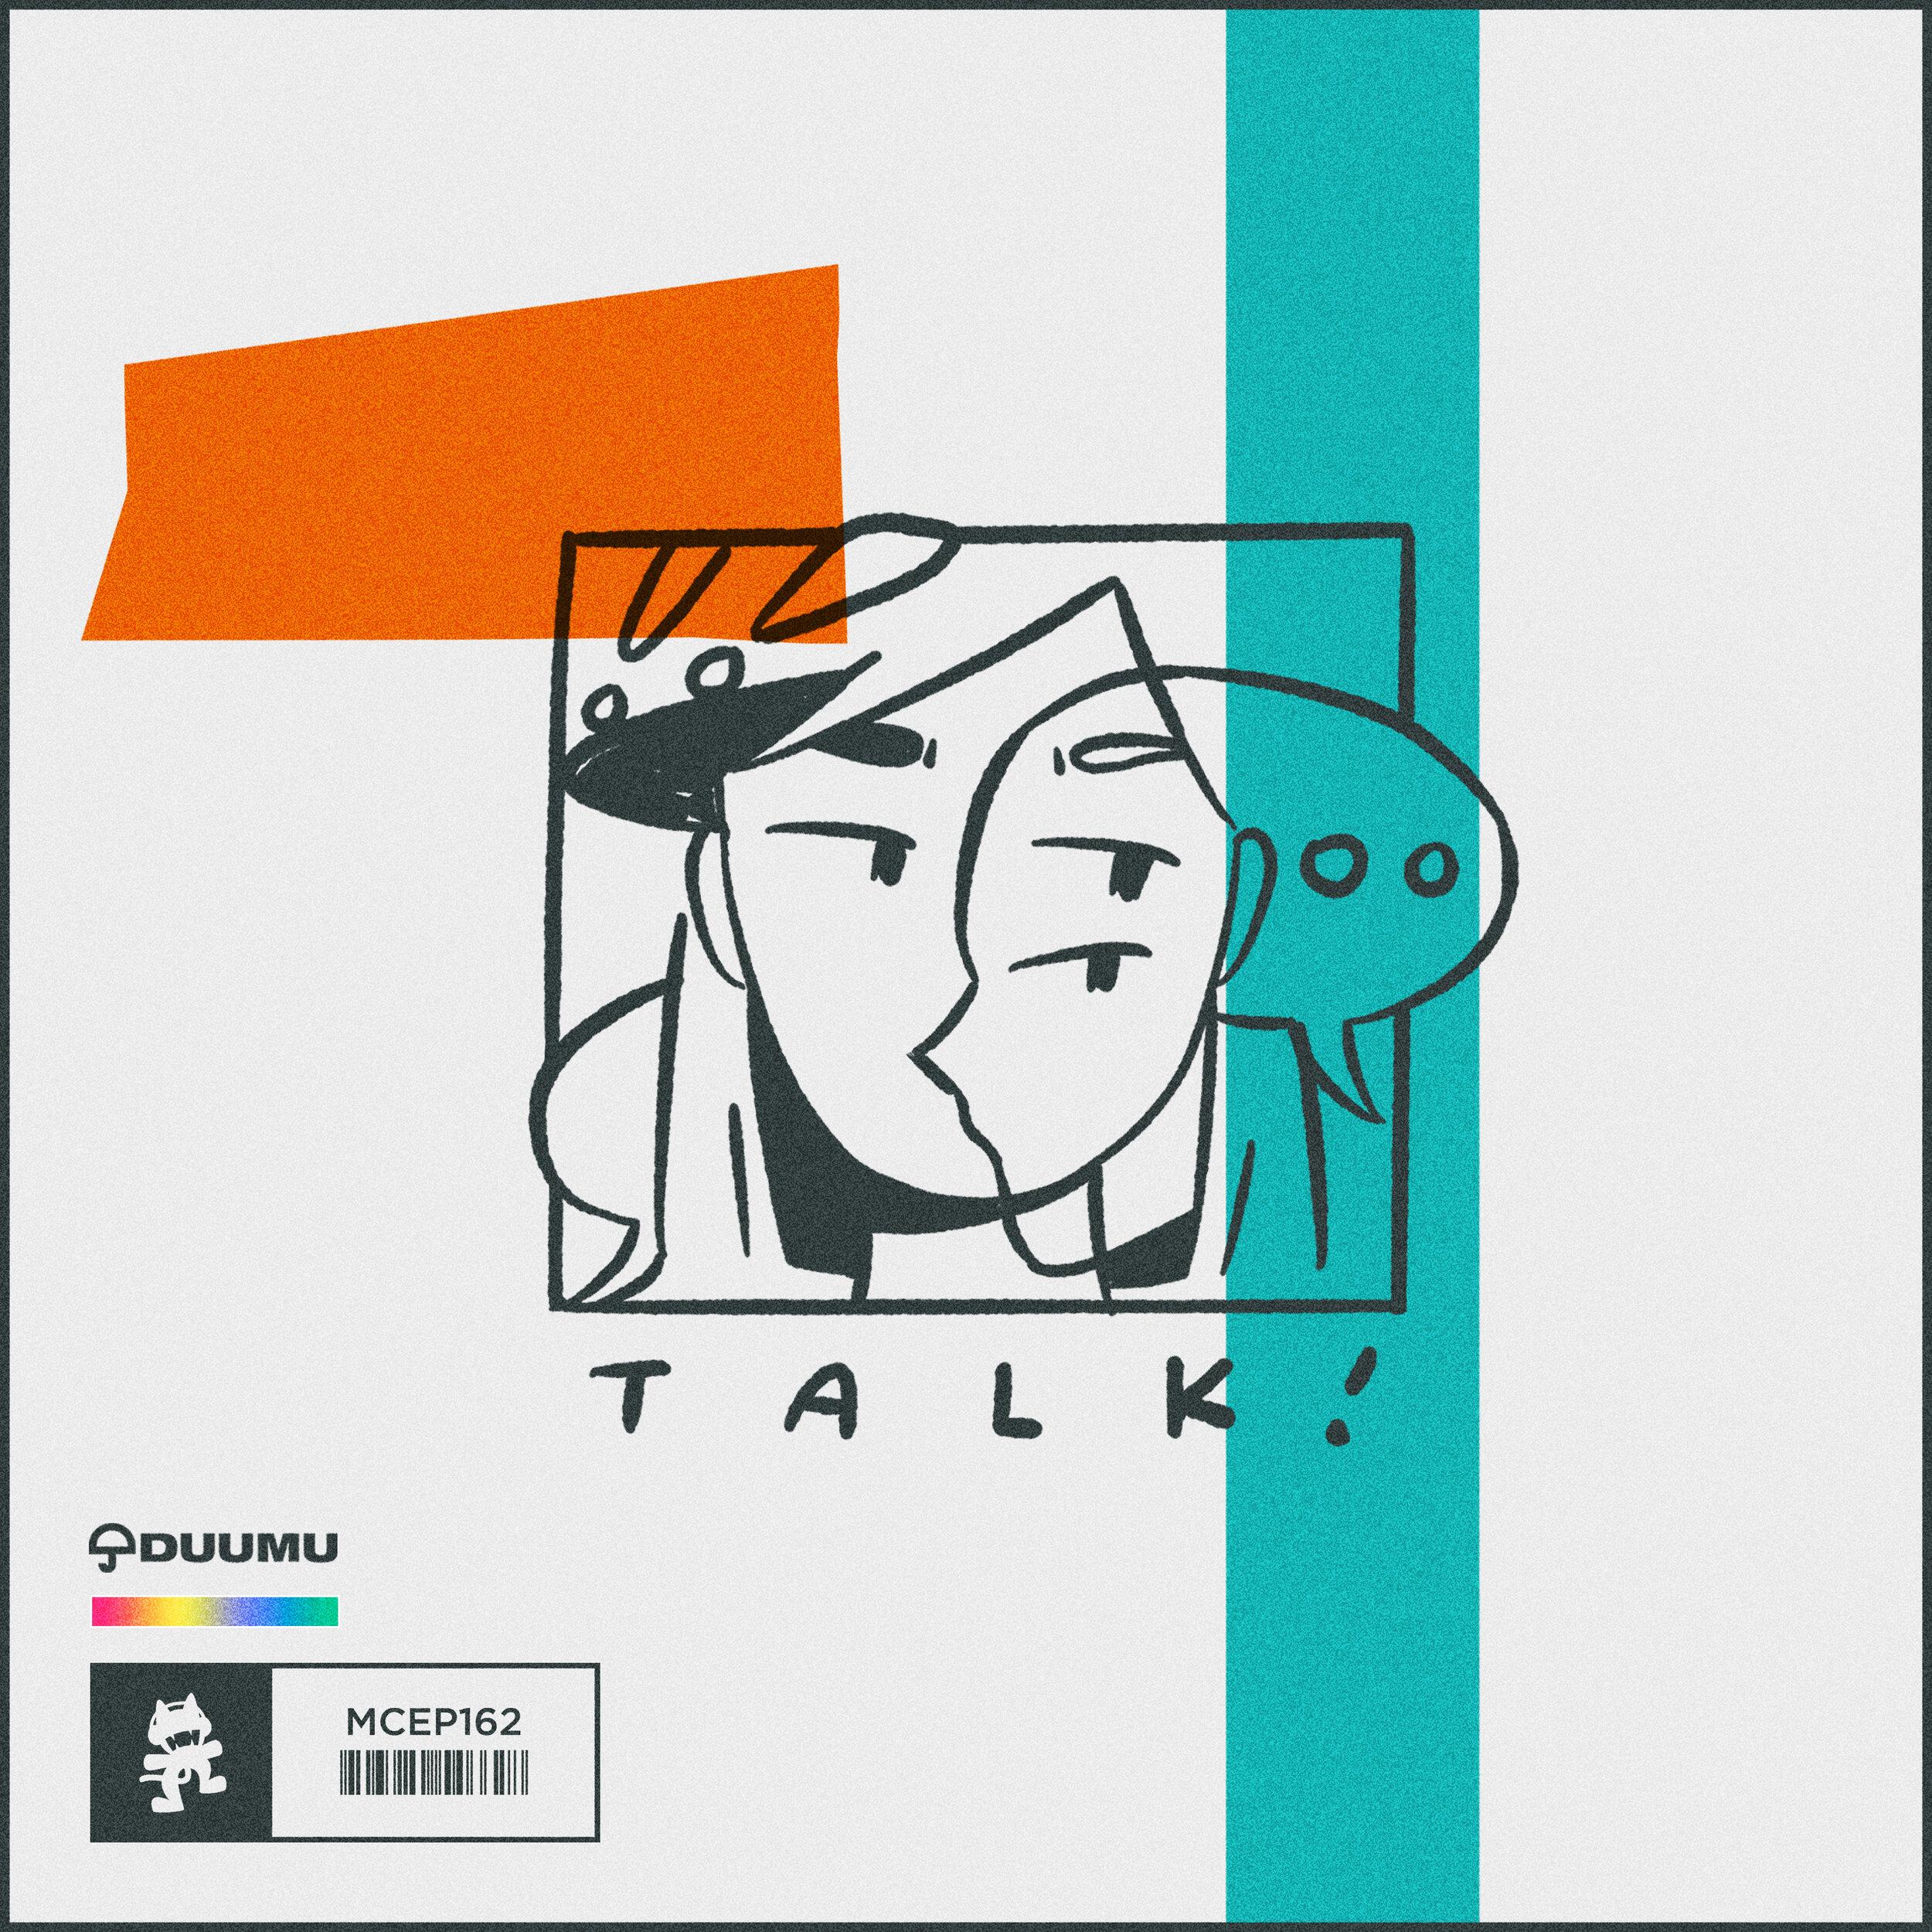 NFHBEAaq8gkuIEgvT0x9 - DUUMU - Talk! (Art).jpg